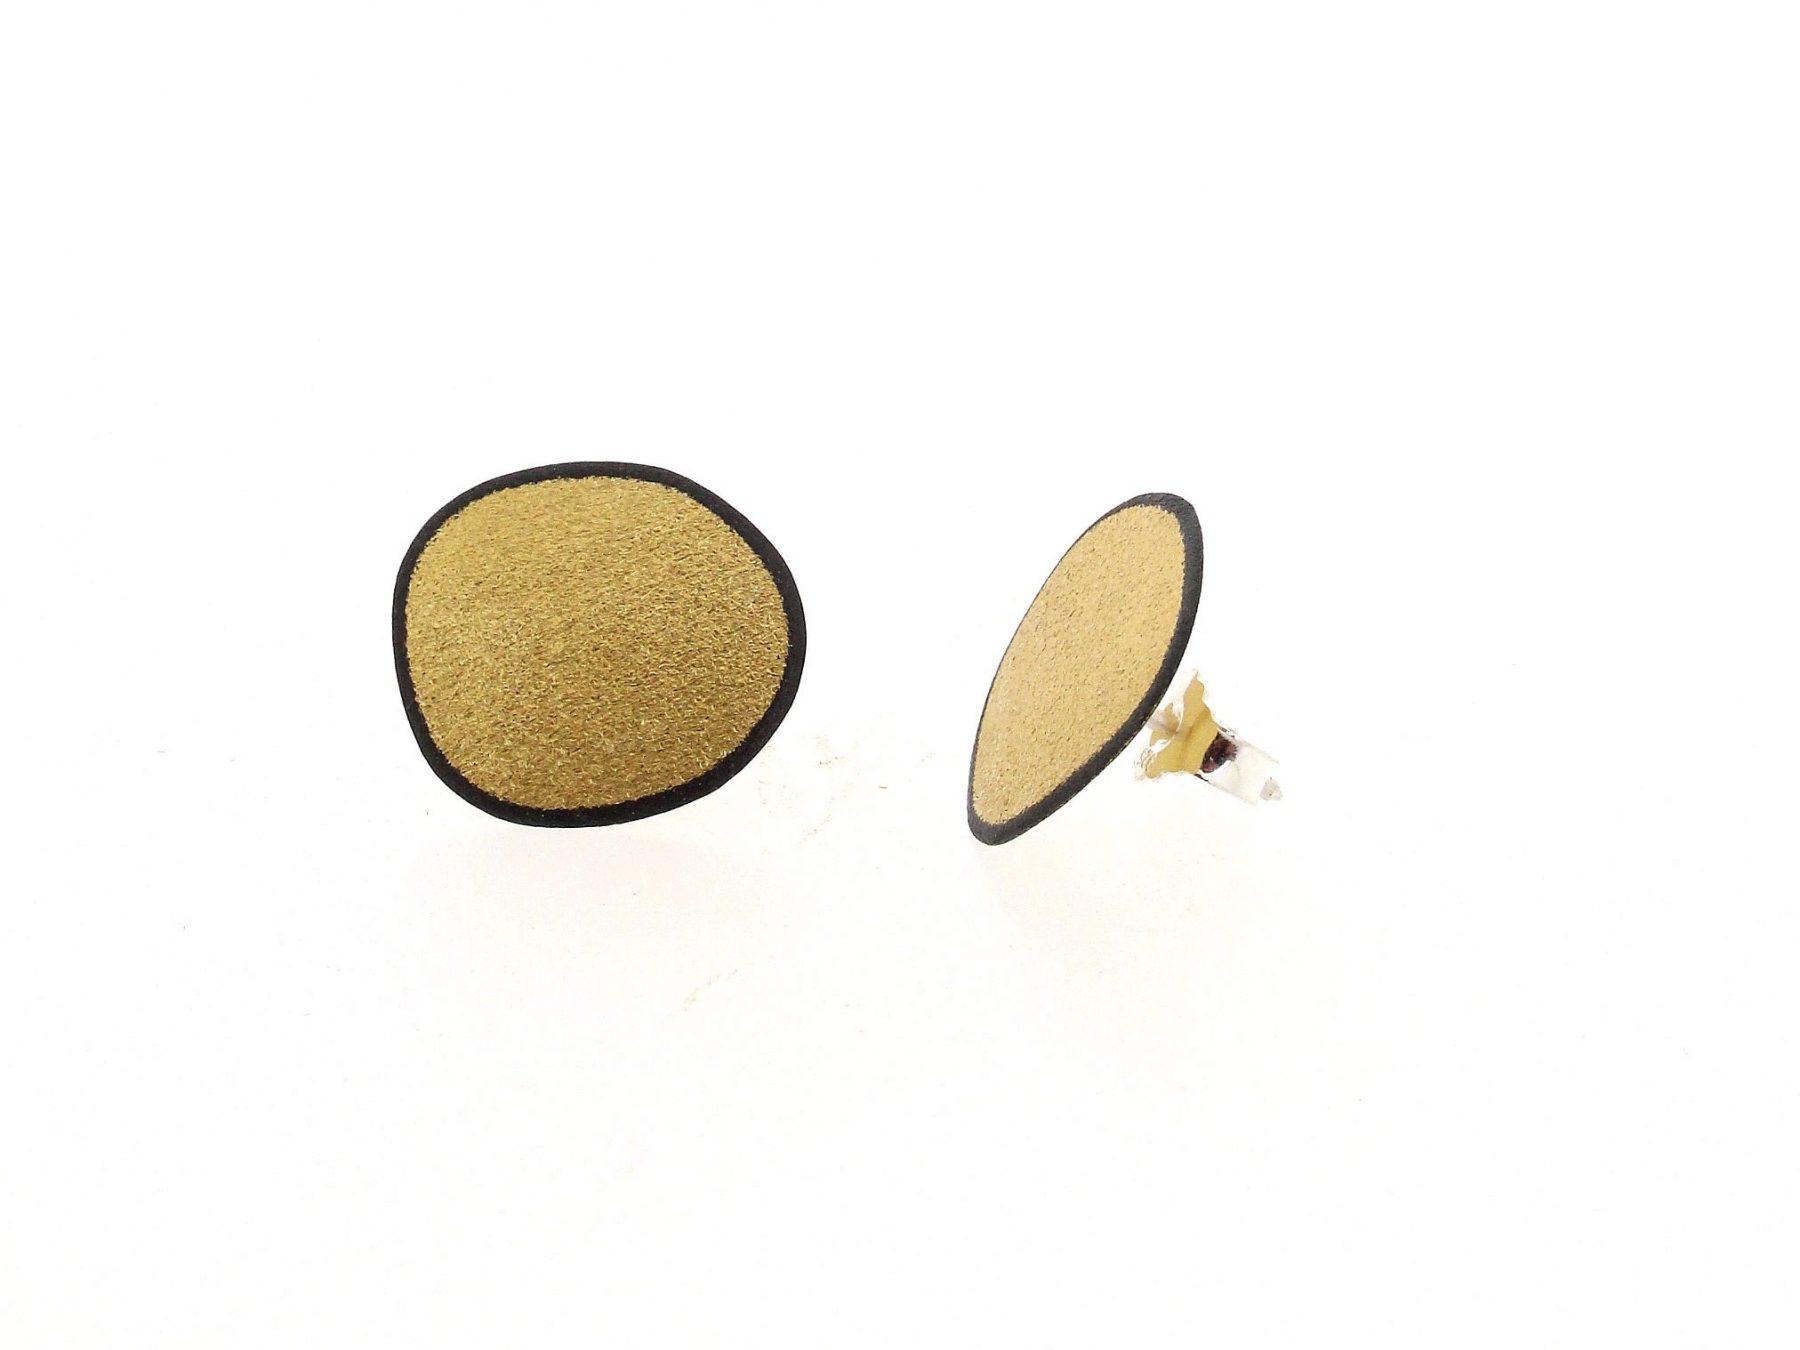 Ohrstecker 925 Silber Gold - Maria Rzewuska - SB-AK5913A